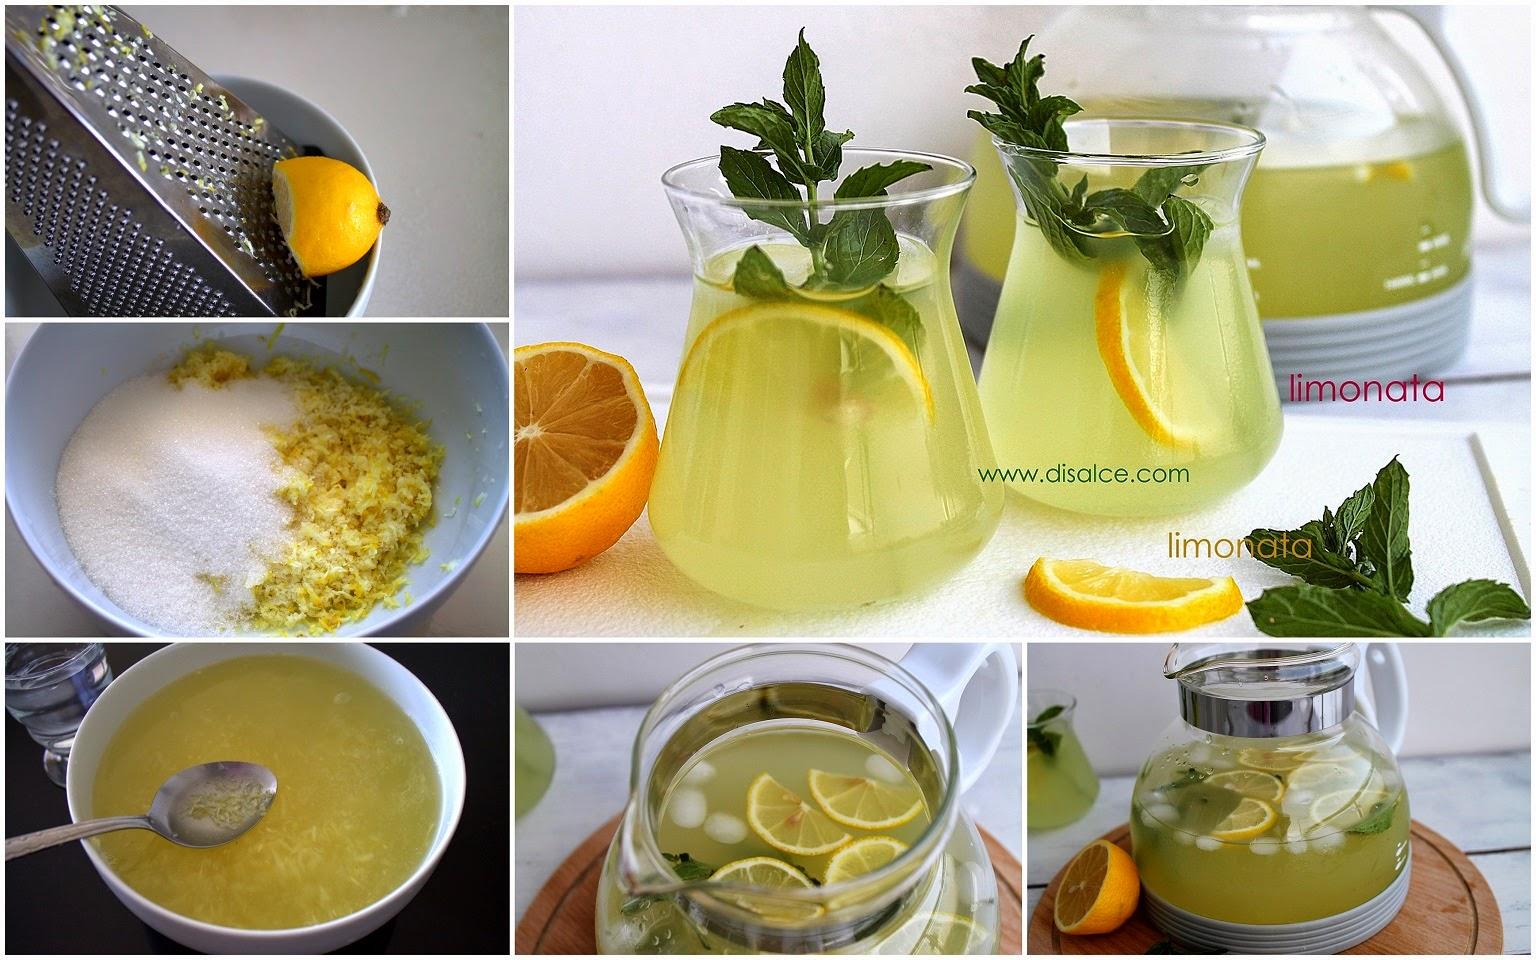 pratik ev usulü limonata